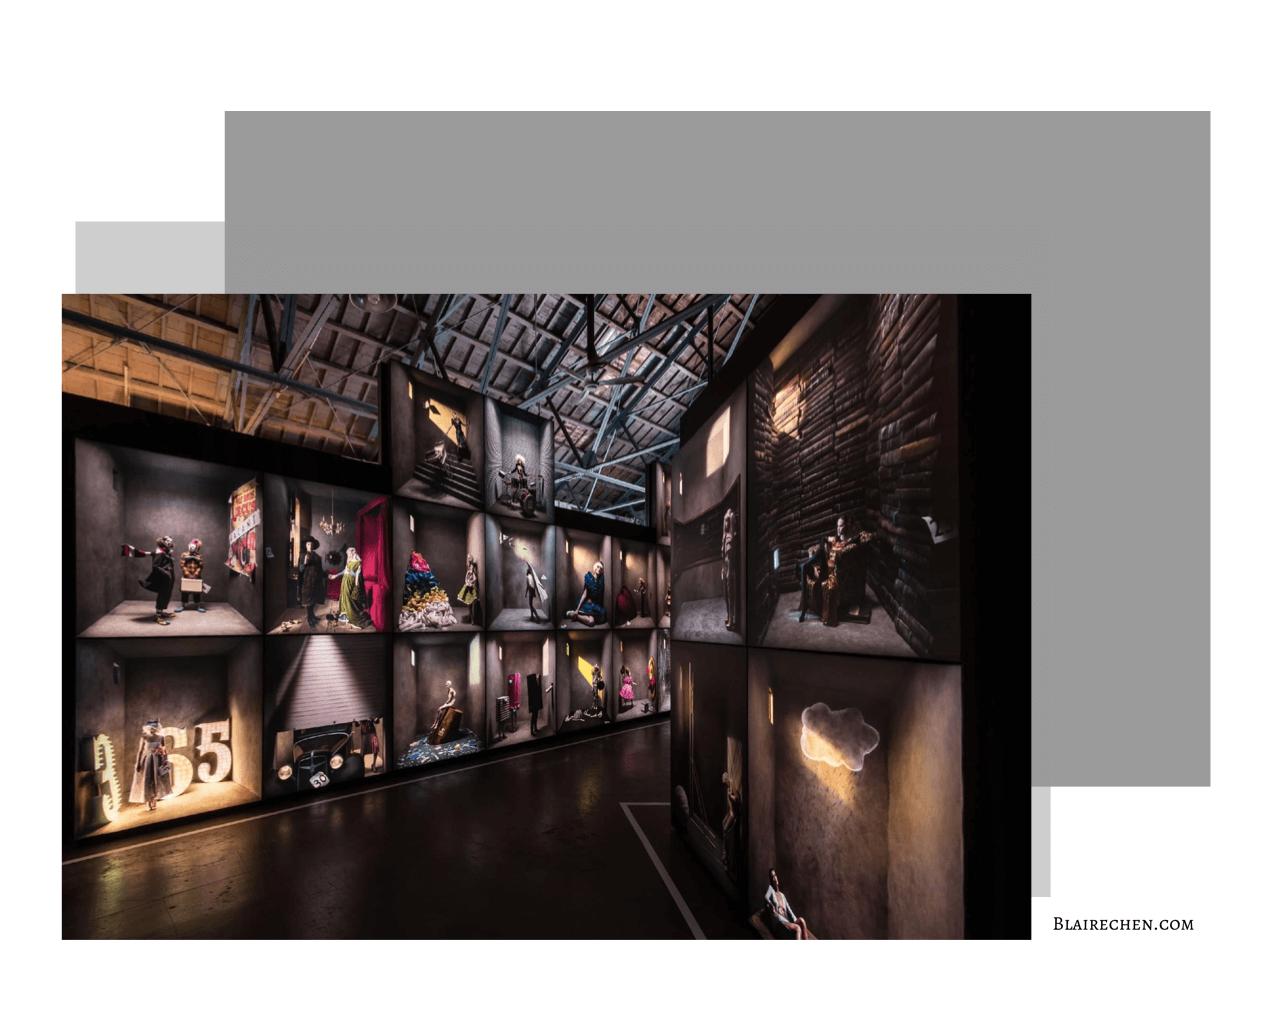 【台北最新展覽】|今夏必去!西班牙奇幻攝影大師-尤傑尼歐特展,鬼才攝影師的攝影世界!